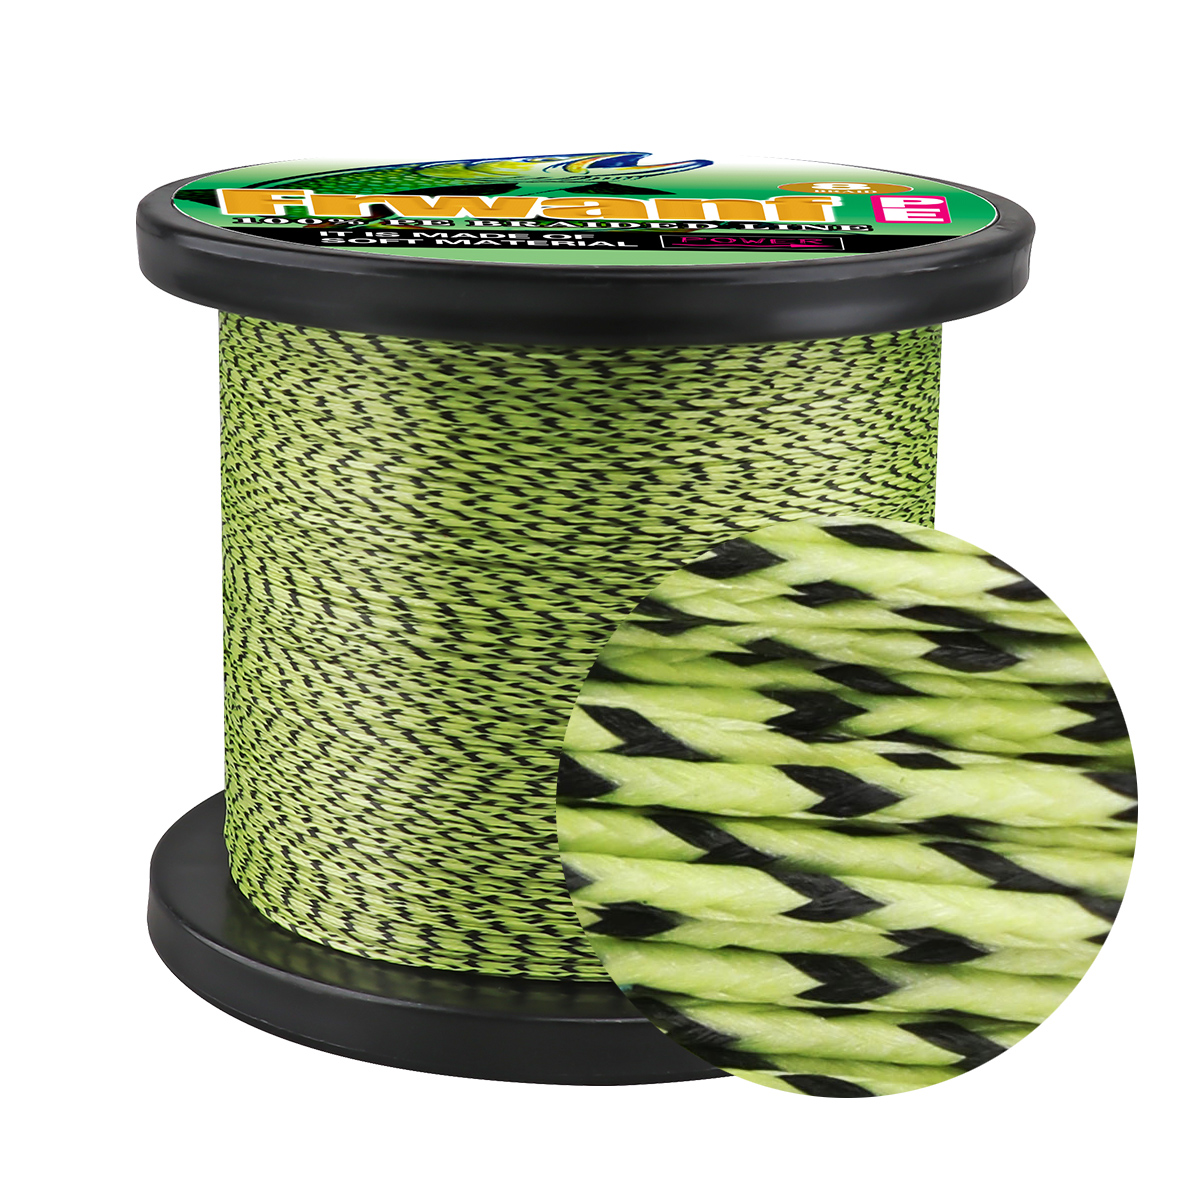 8 прядей плетеная рыболовная точечная леска разных цветов 1500 м 2000 м 8 10 20 30 50 60 80 100 130 150 200 250 300LBS плетеная проволока супер ПЭ